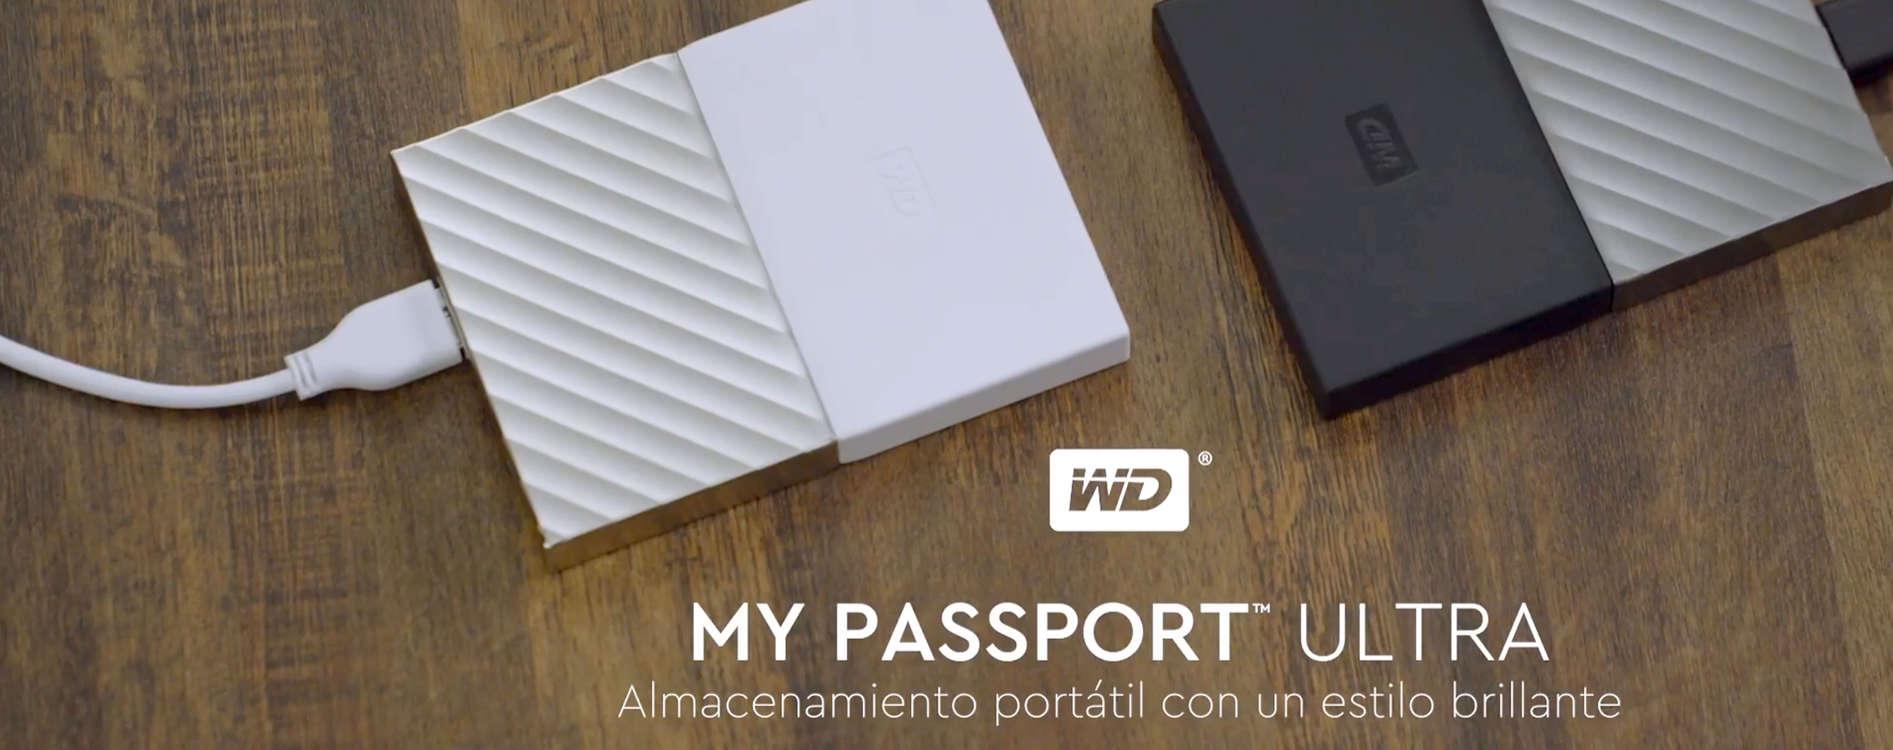 Preciazos Wester Digital discos My Passport Ultra 1TB, 2TB, 3TB y 4TB